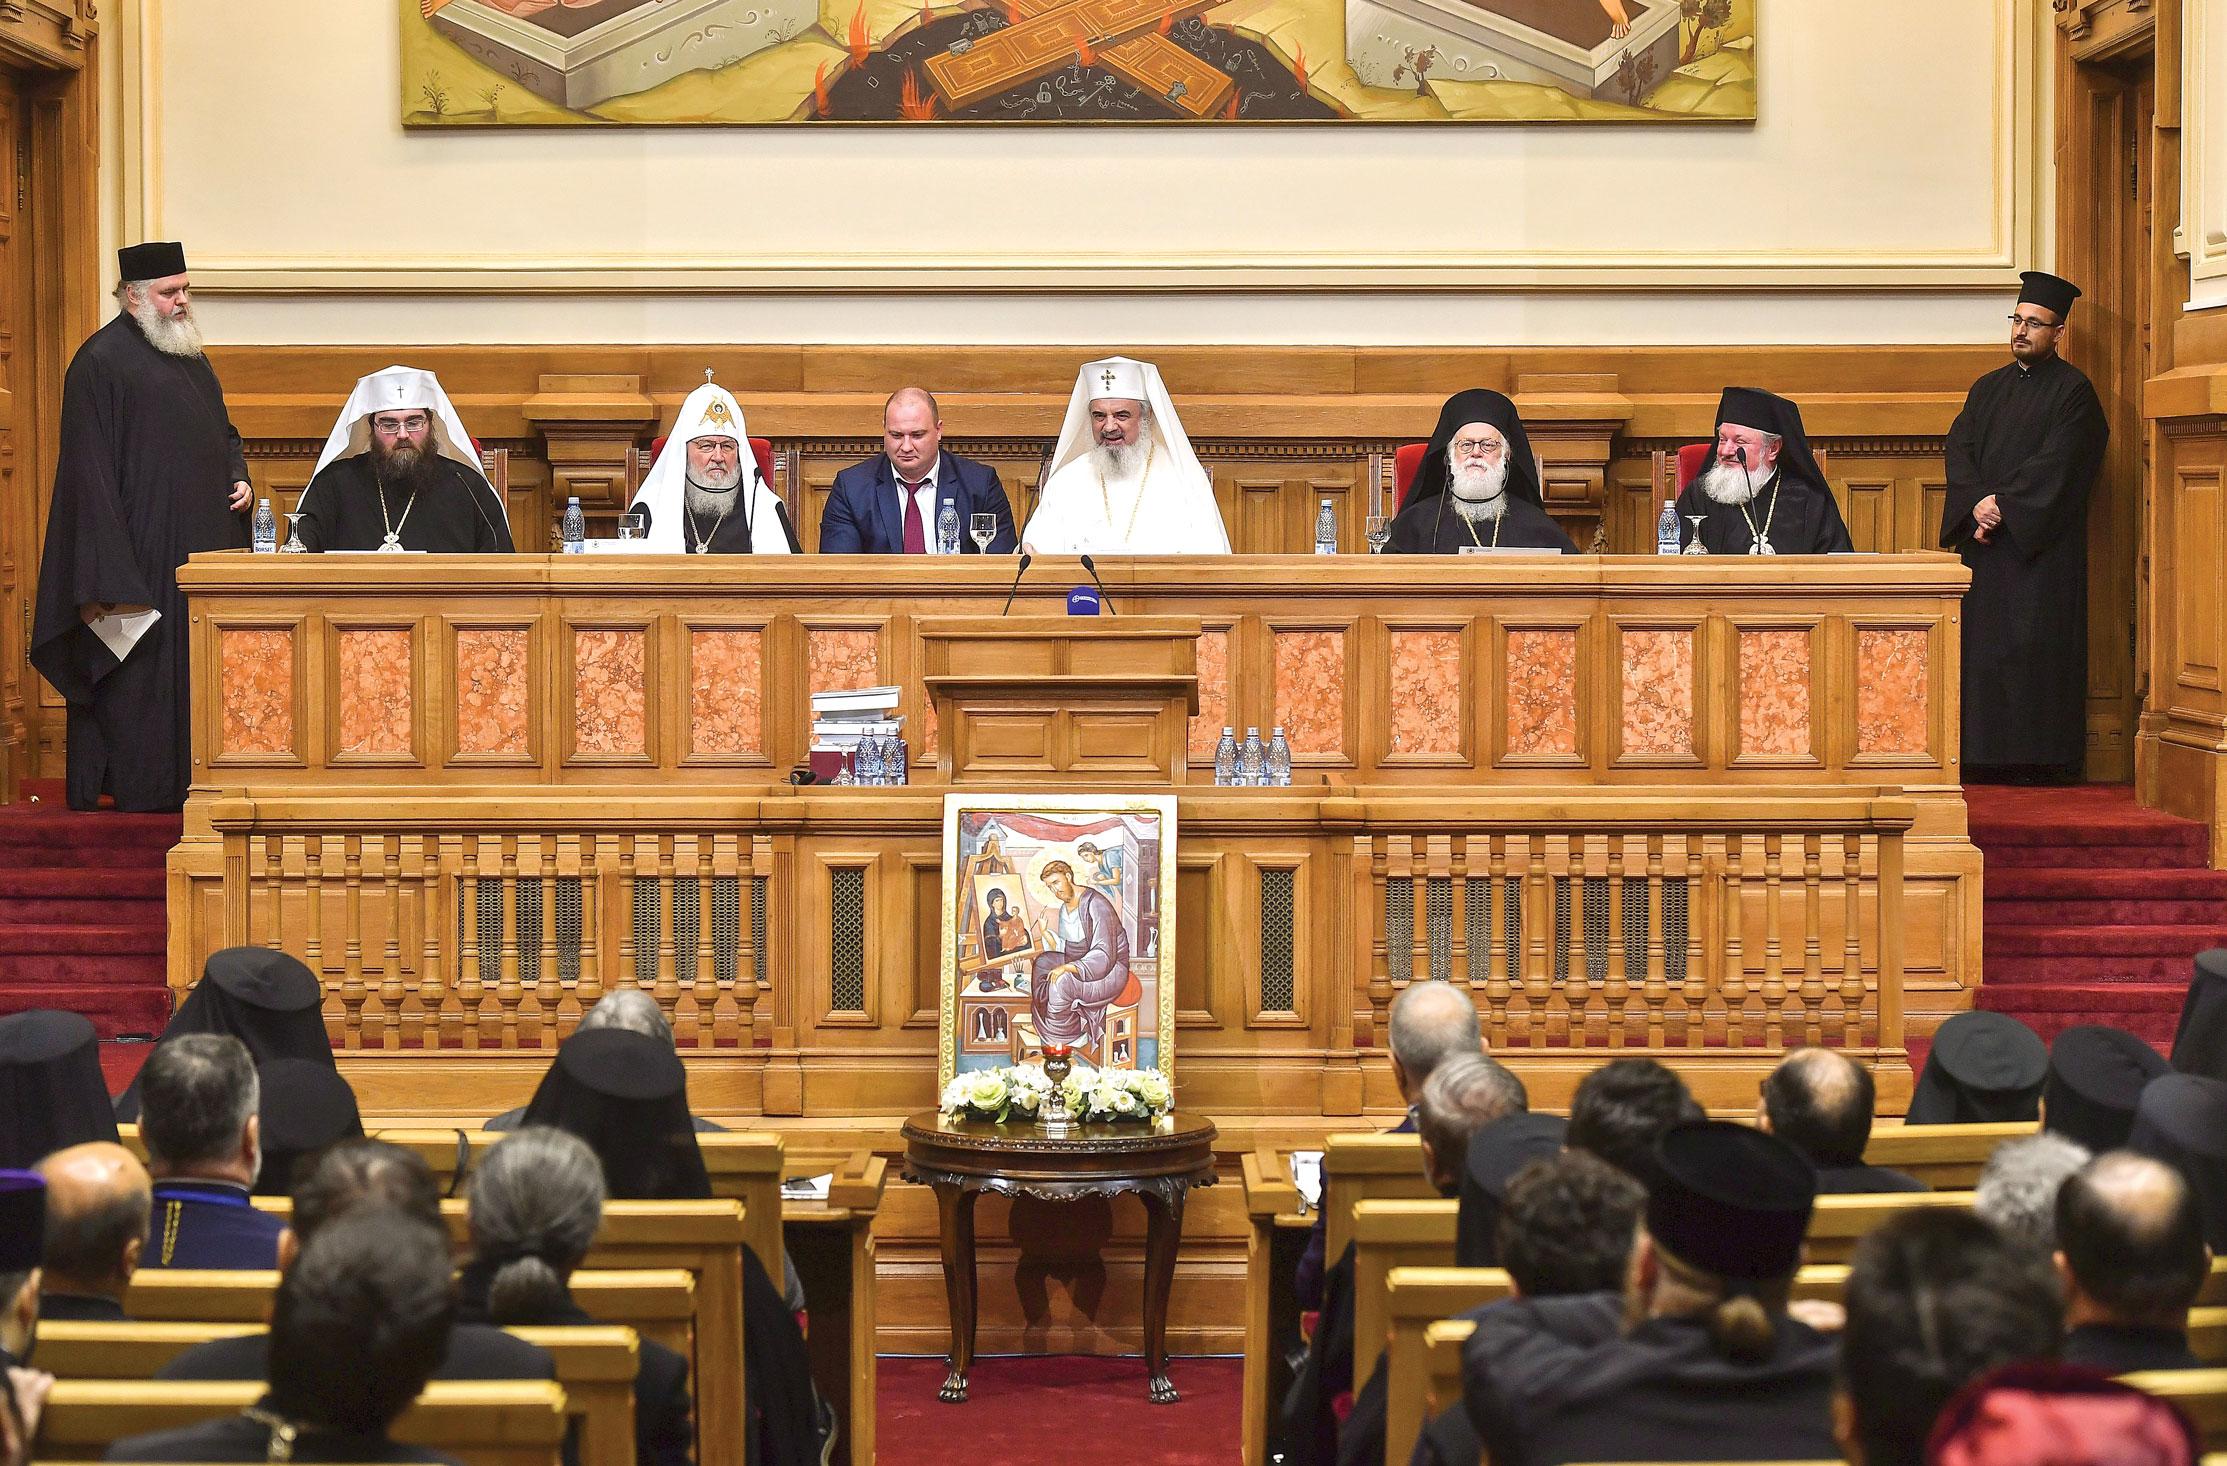 Ședința solemnăa Sfântului Sinod dedicată mărturisirii credinței în timpul regimului comunist